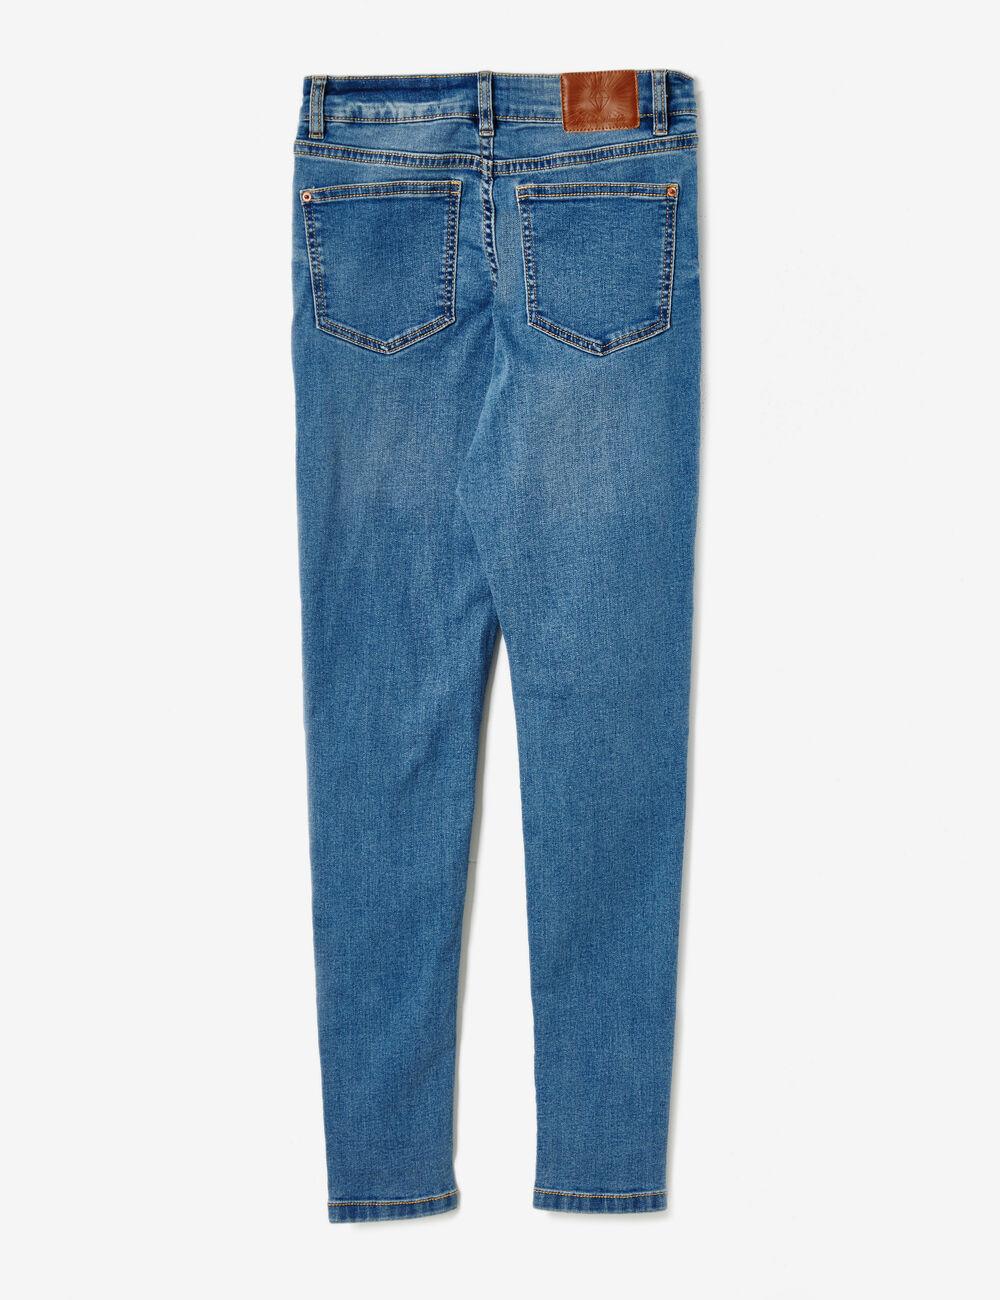 jean super skinny taille haute bleu femme jennyfer. Black Bedroom Furniture Sets. Home Design Ideas